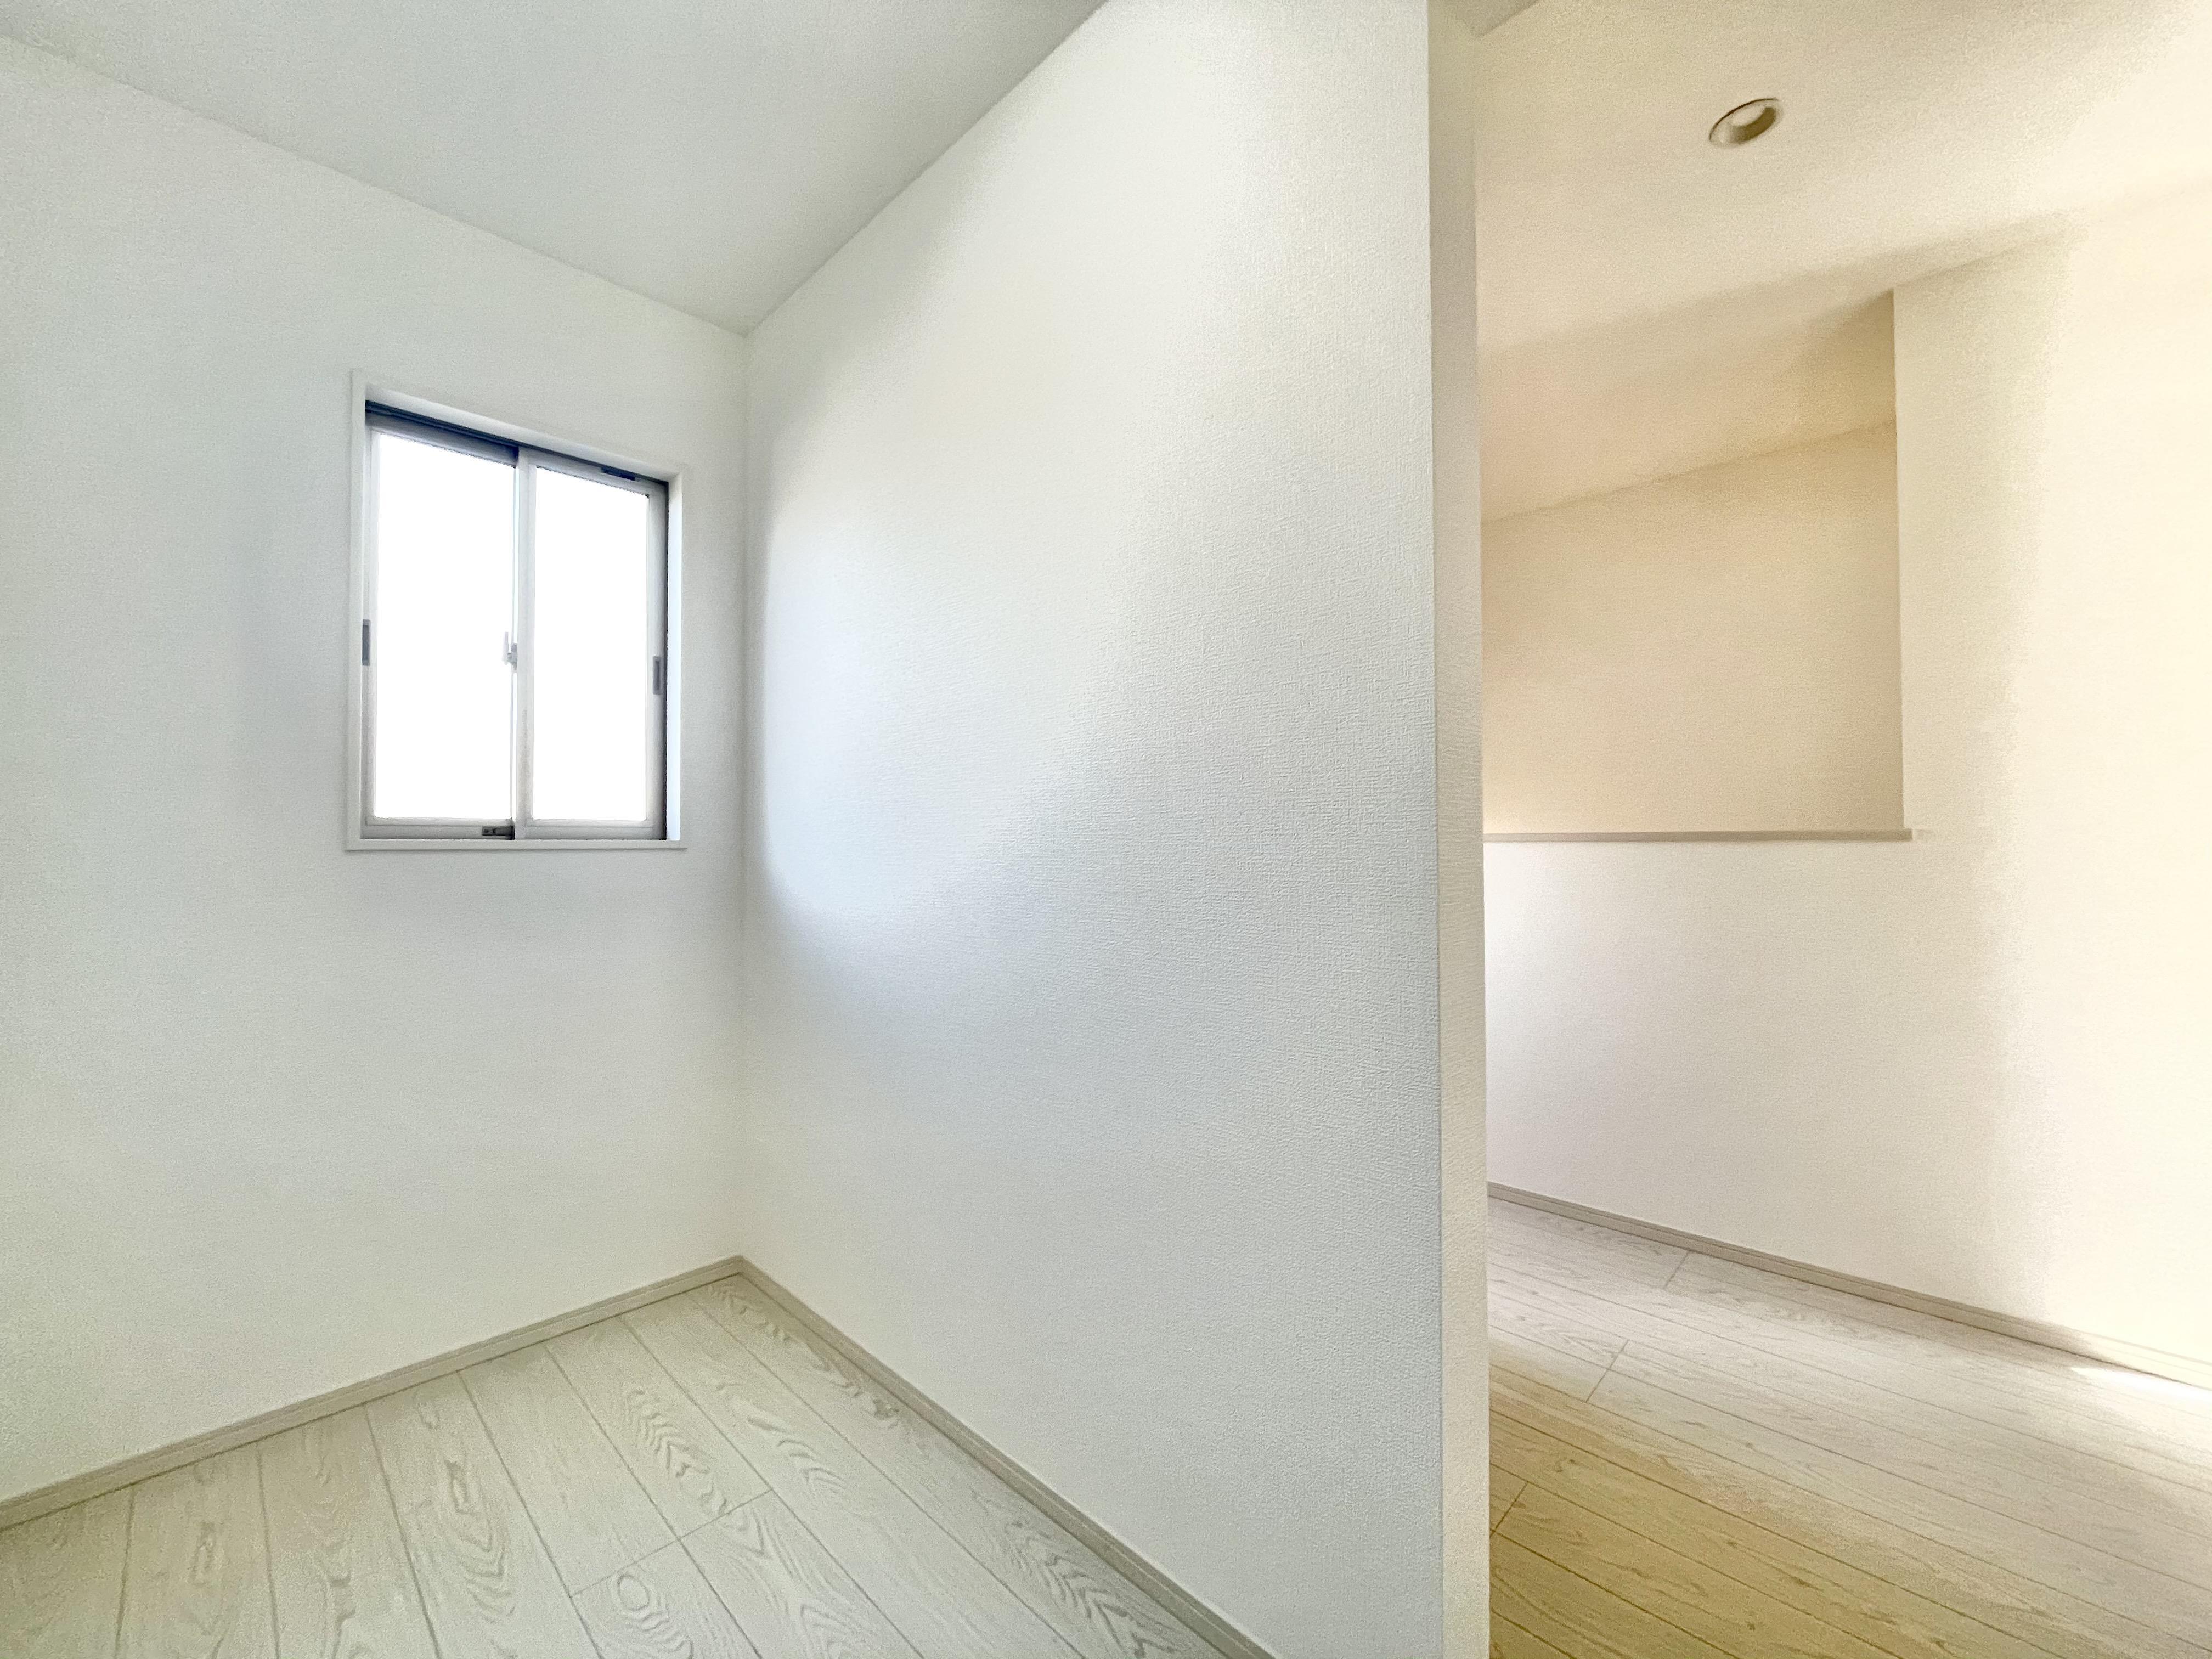 各居室に収納力豊富なウォークインクローゼット付きです!お部屋をキレイにスッキリ利用できます♪